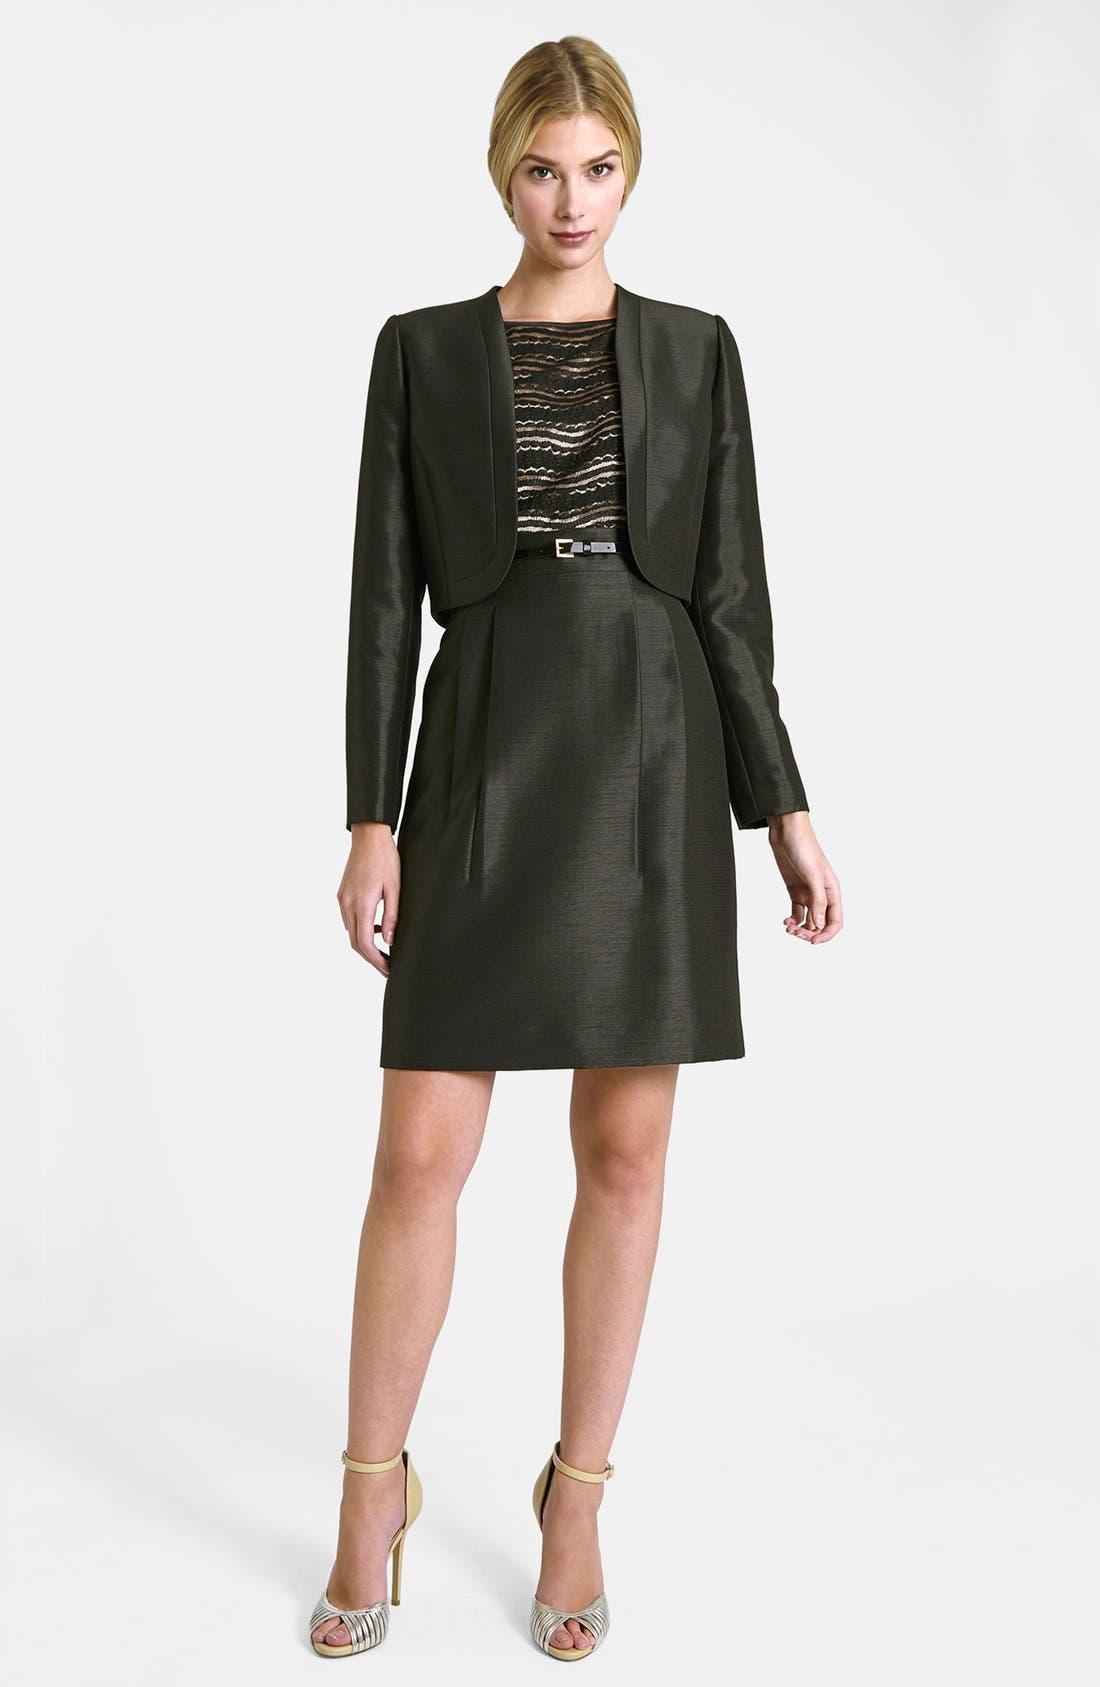 Alternate Image 1 Selected - Tahari Lace Bodice Dress & Jacket